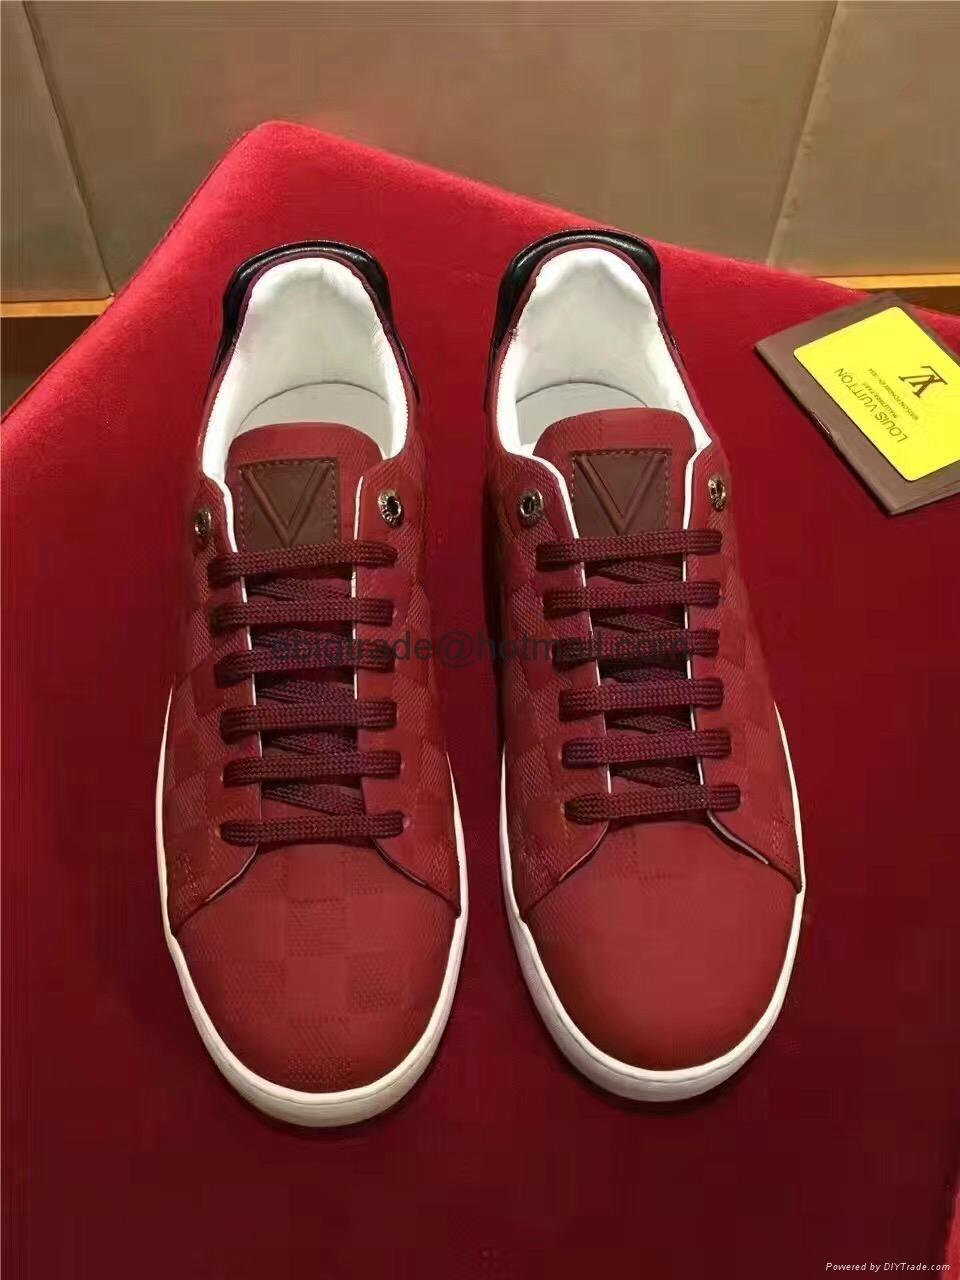 LV men shoes